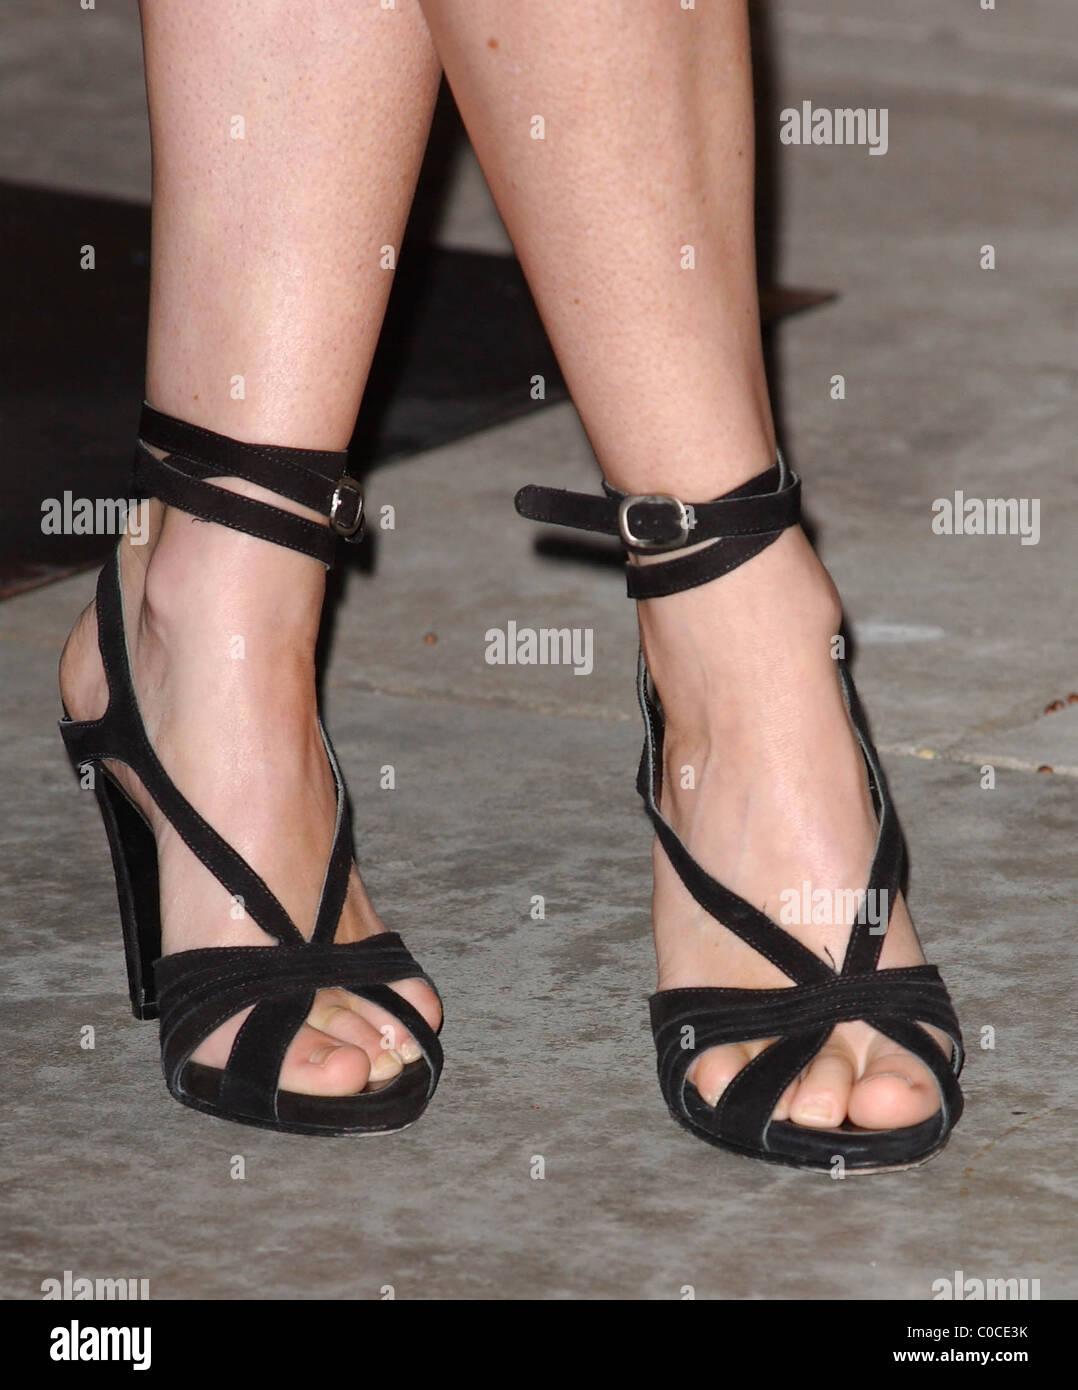 Feet alice braga Alice Braga